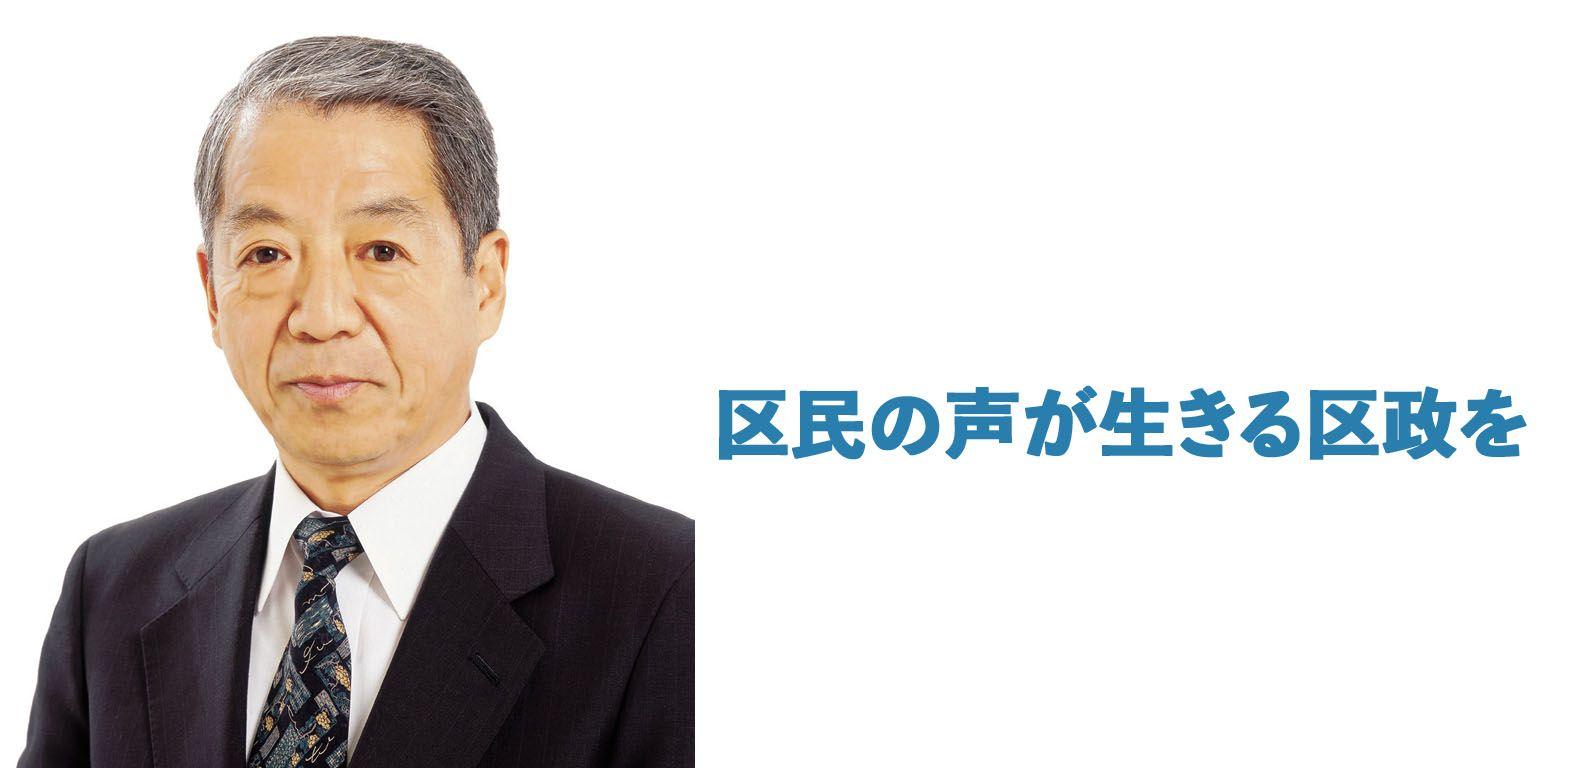 風見利男 日本共産党 港区議会議員